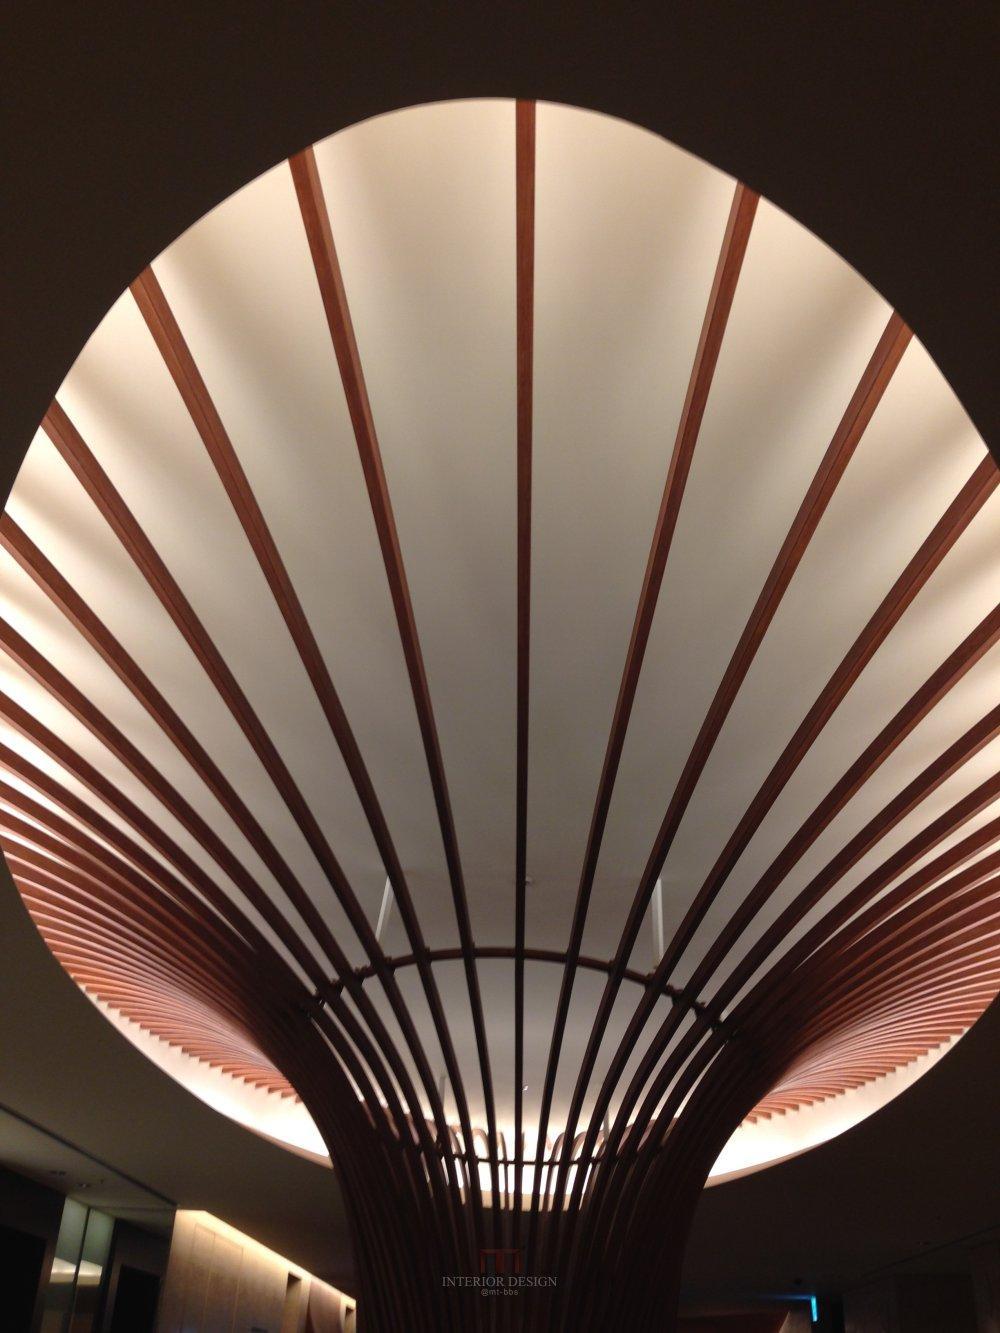 #伙伴一起看日本#  日本设计考察分享(更新美秀美术馆)_IMG_4788.JPG